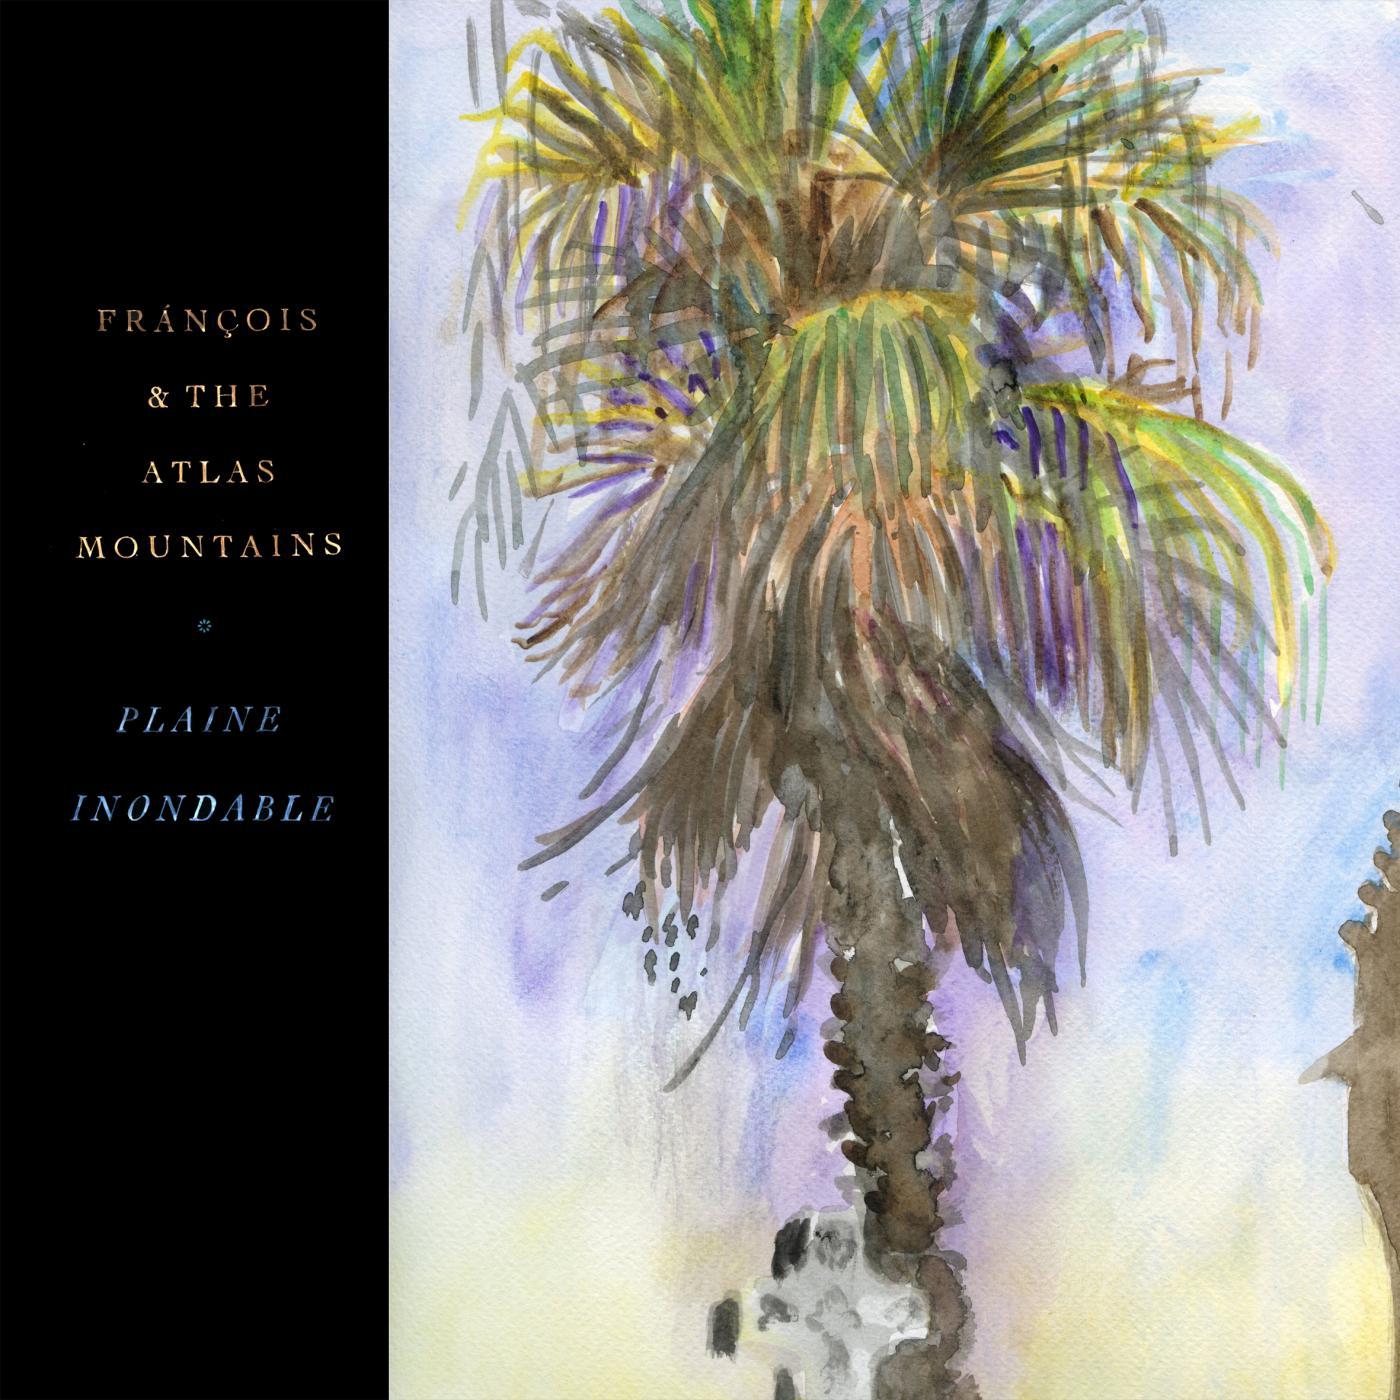 FRANCOIS & THE ATLAS MOUNTAINS